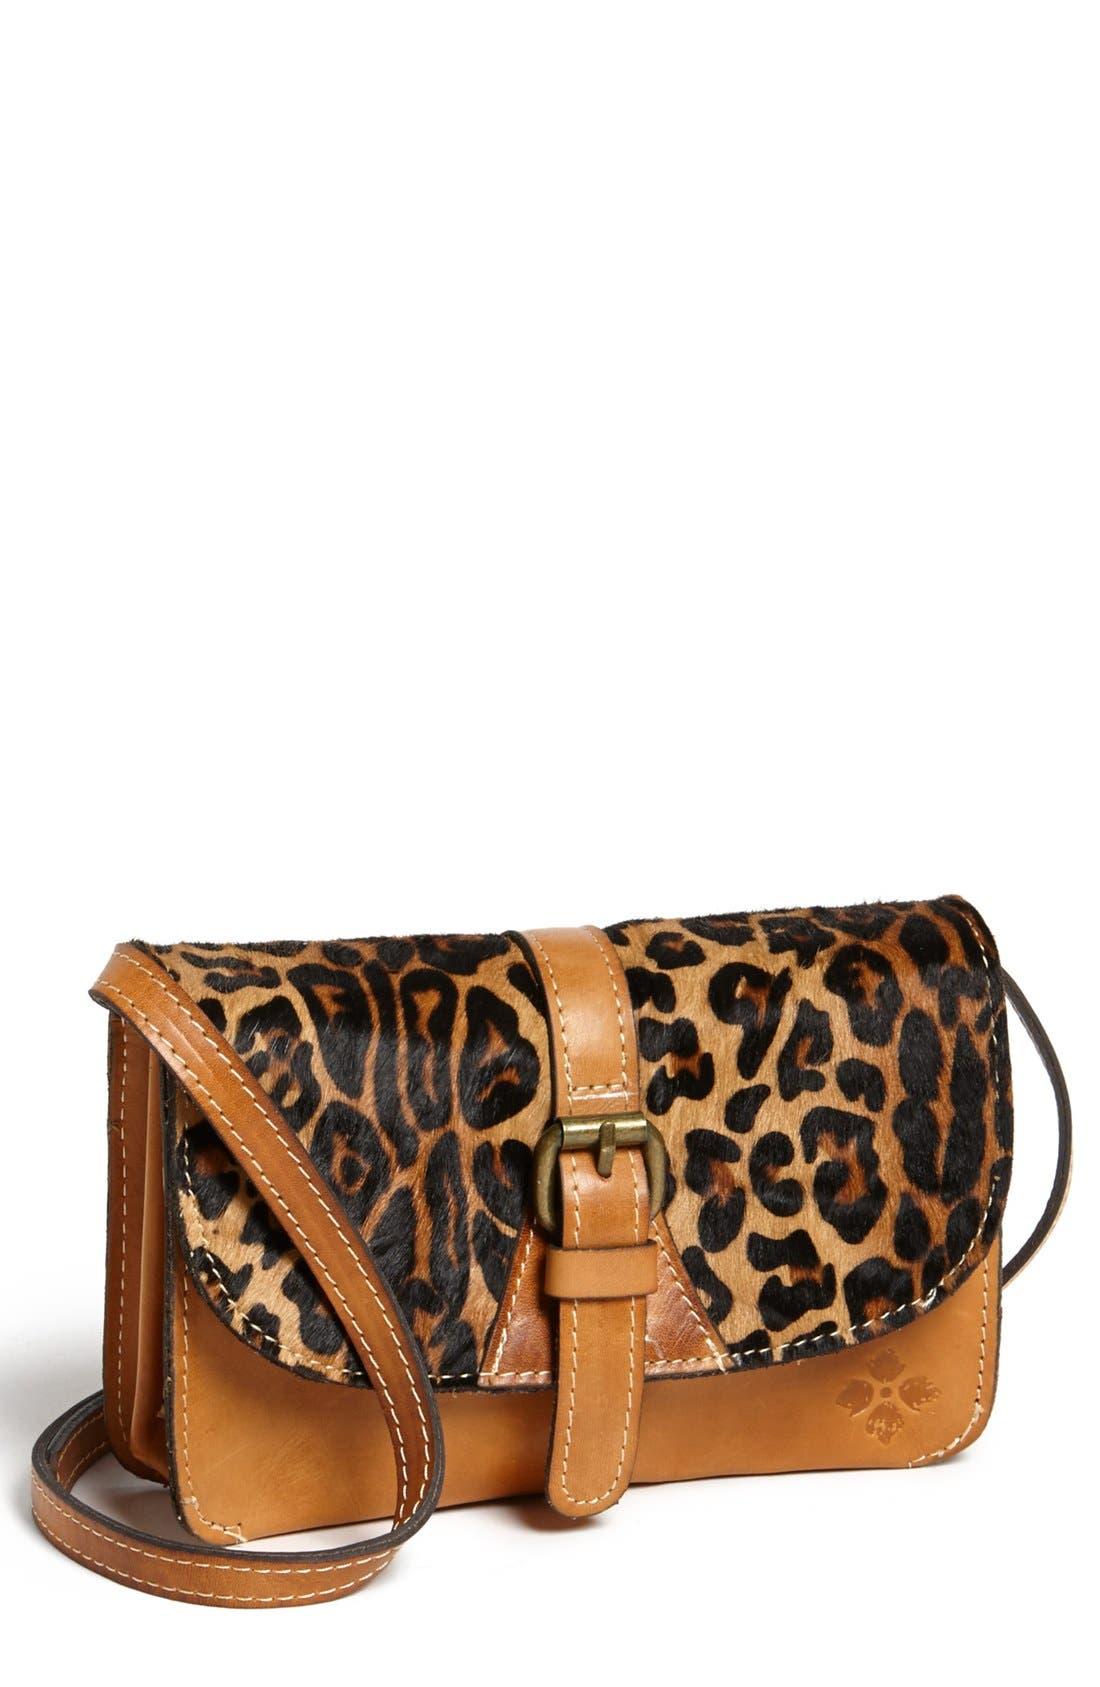 Main Image - Patricia Nash 'Torri' Crossbody Bag